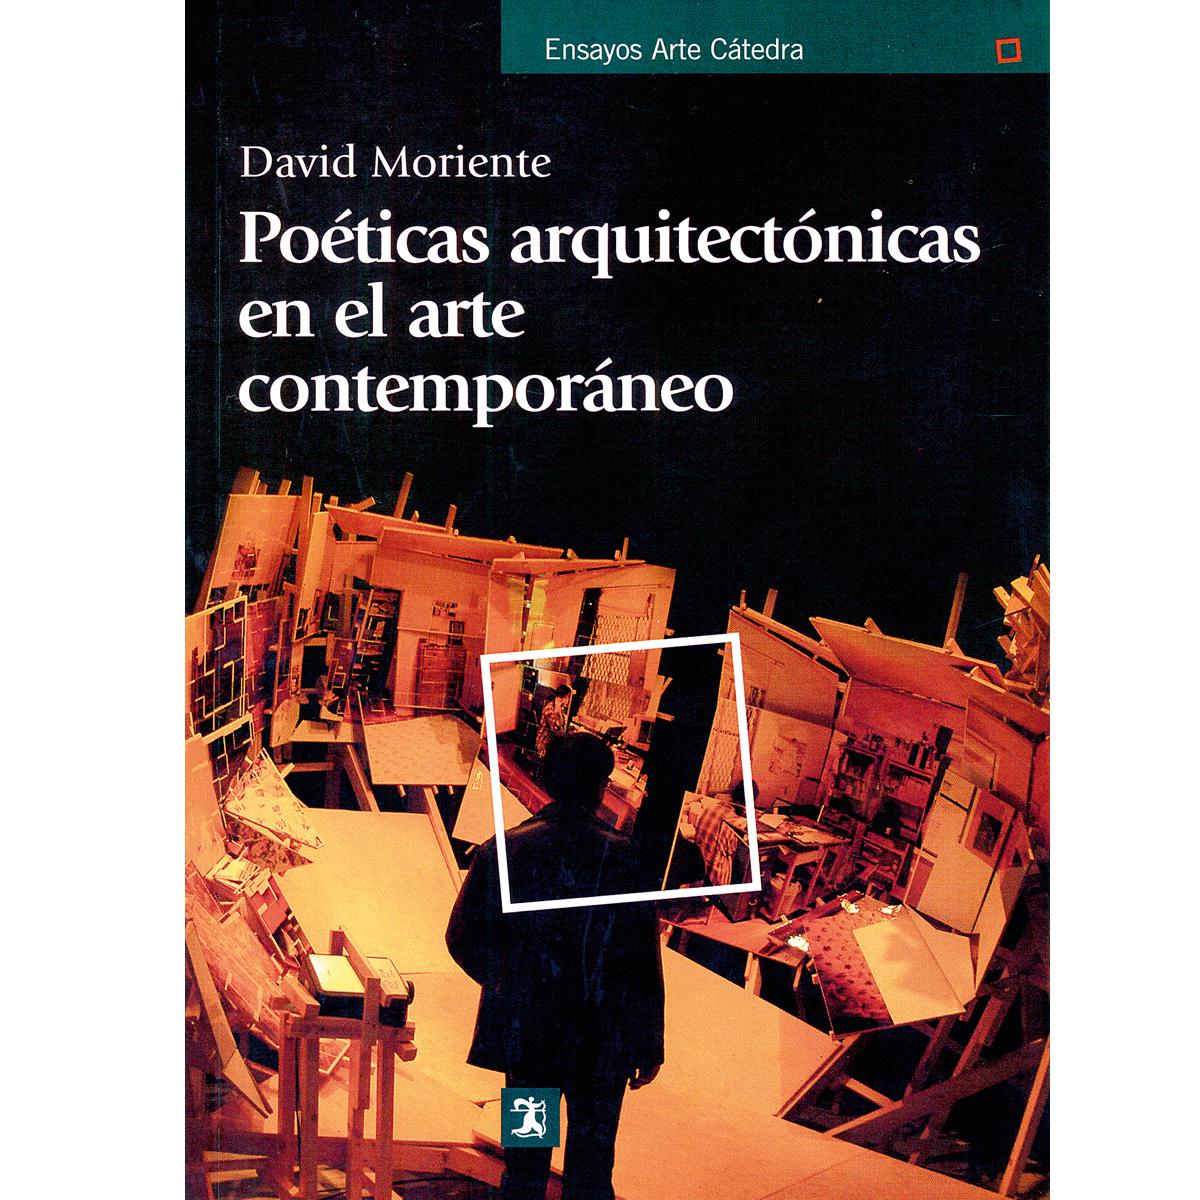 Poéticas arquitectónicas en  el arte contemporáneo